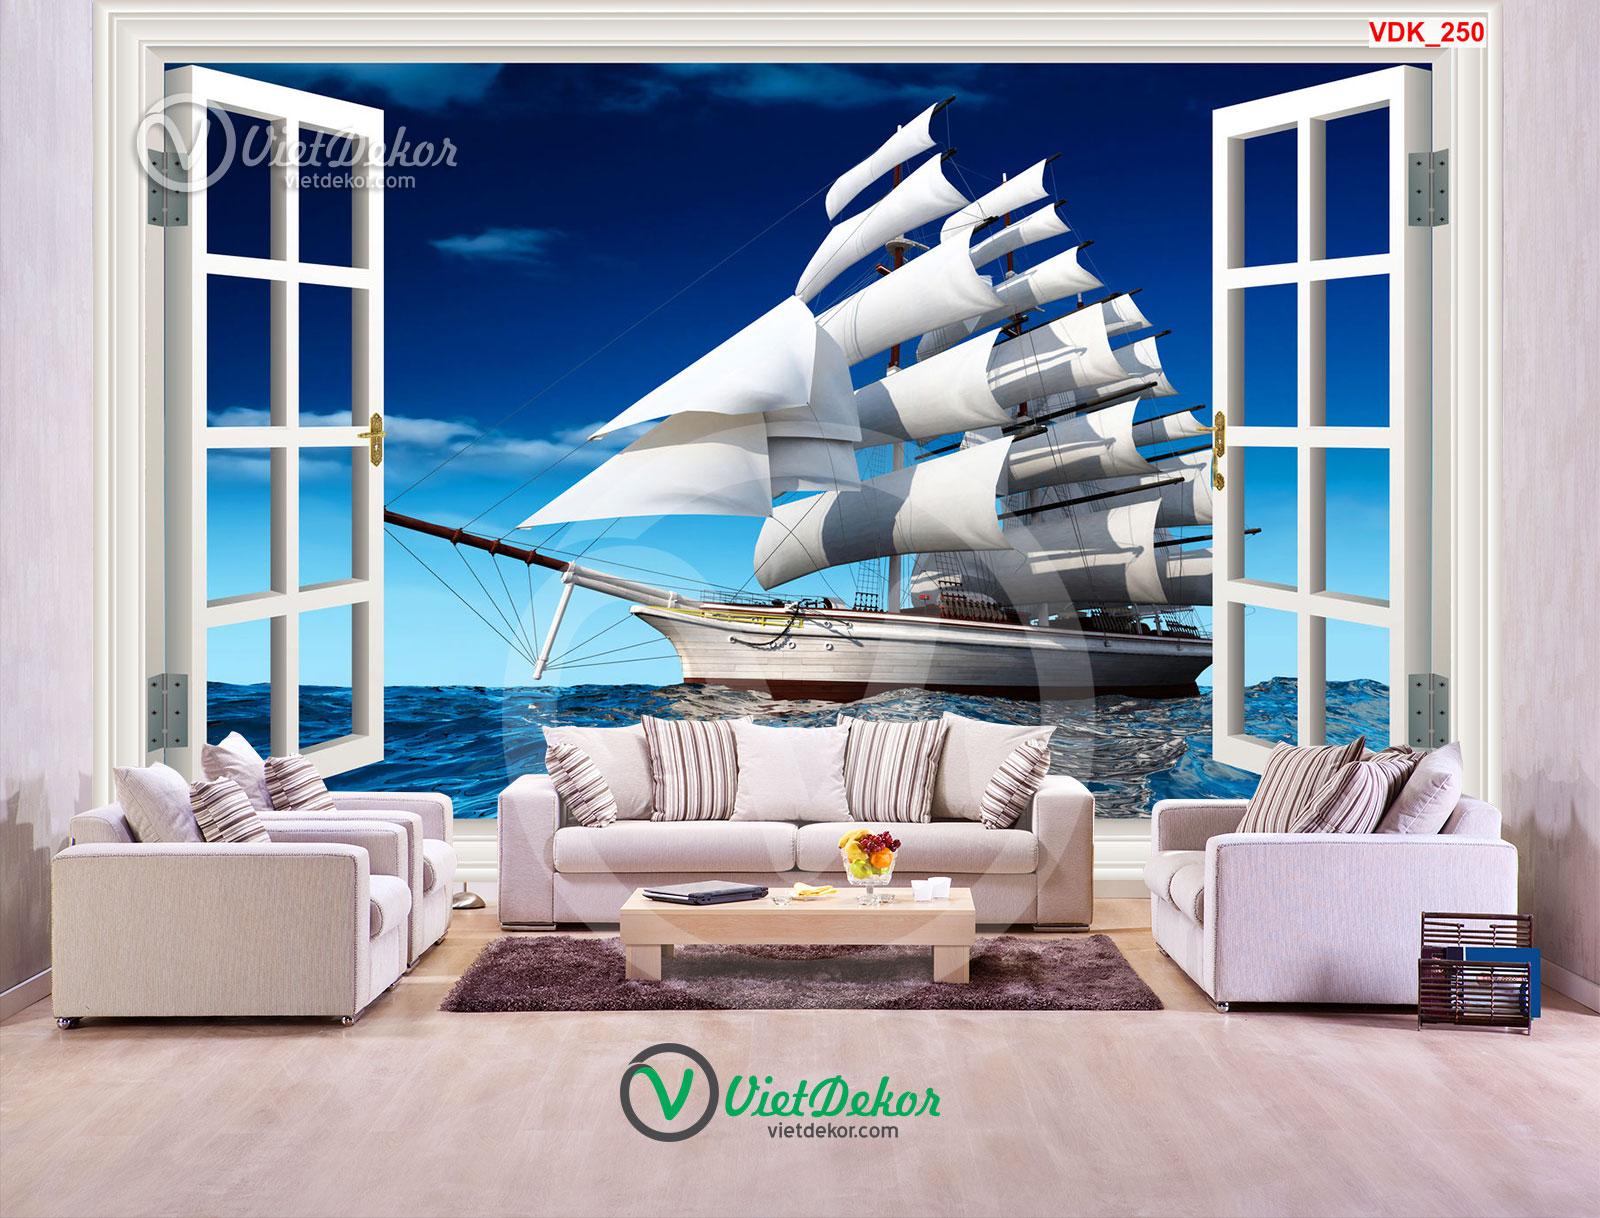 Tranh dán tường 3d cửa sổ thuận buồm xuôi gió